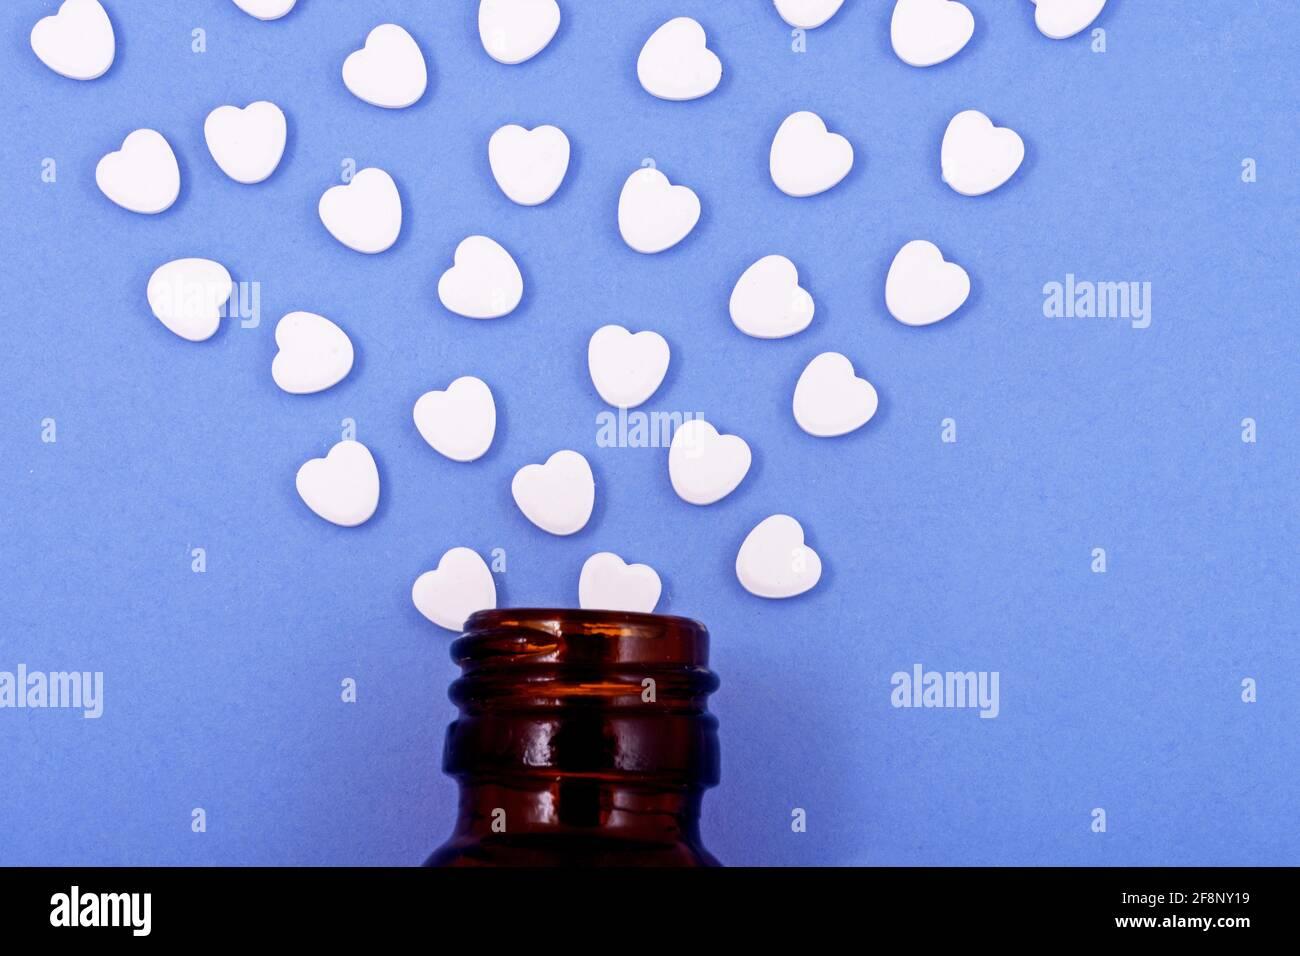 Pastillas con forma de corazón de vidrio de botella sobre un fondo azul Medicamentos que ayudan a las personas Foto de stock